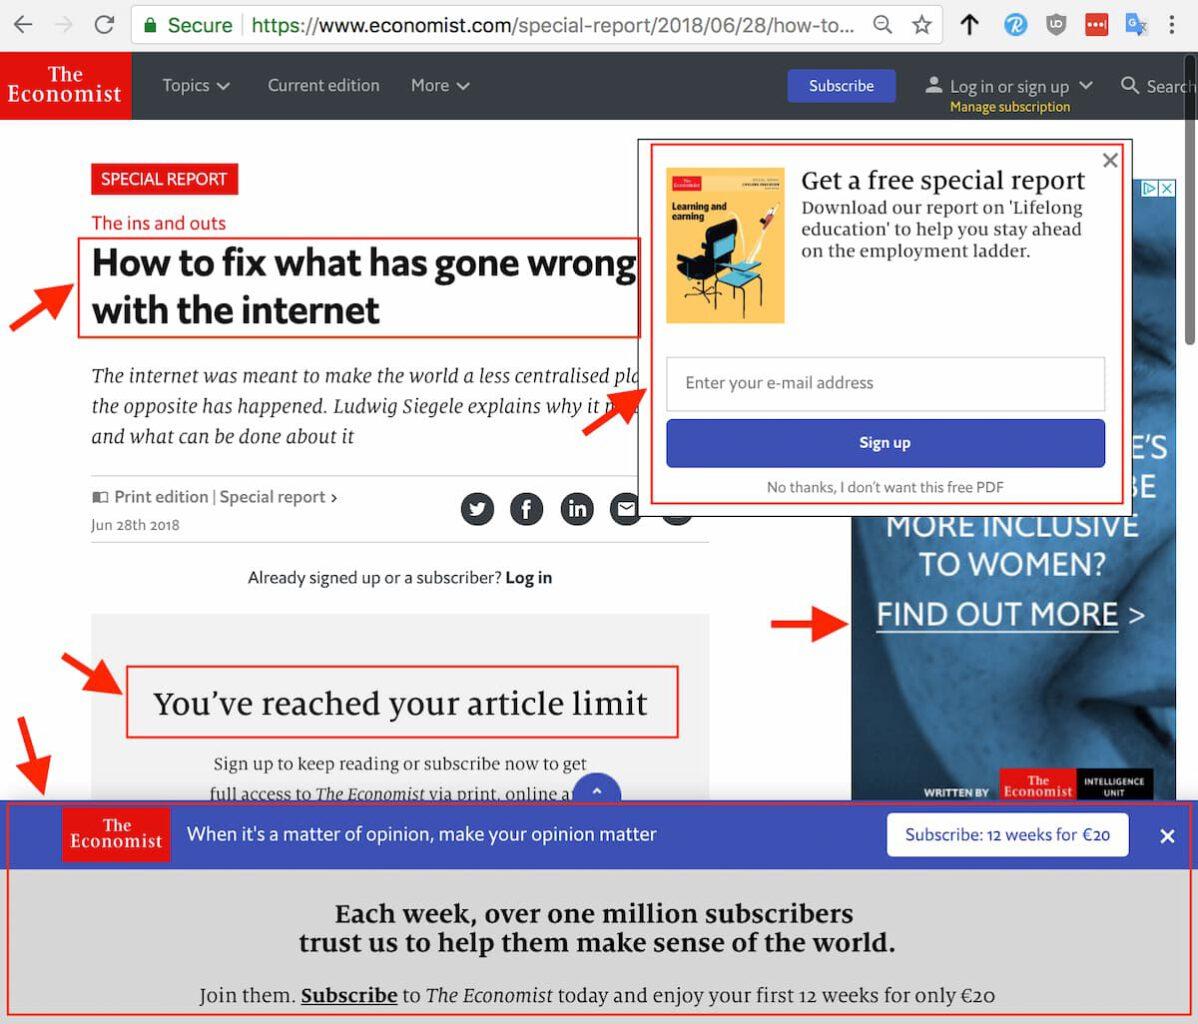 ممنونم Economist، شما واقعاً می دانید اینترنت کجای مسیر رو اشتباه رفته